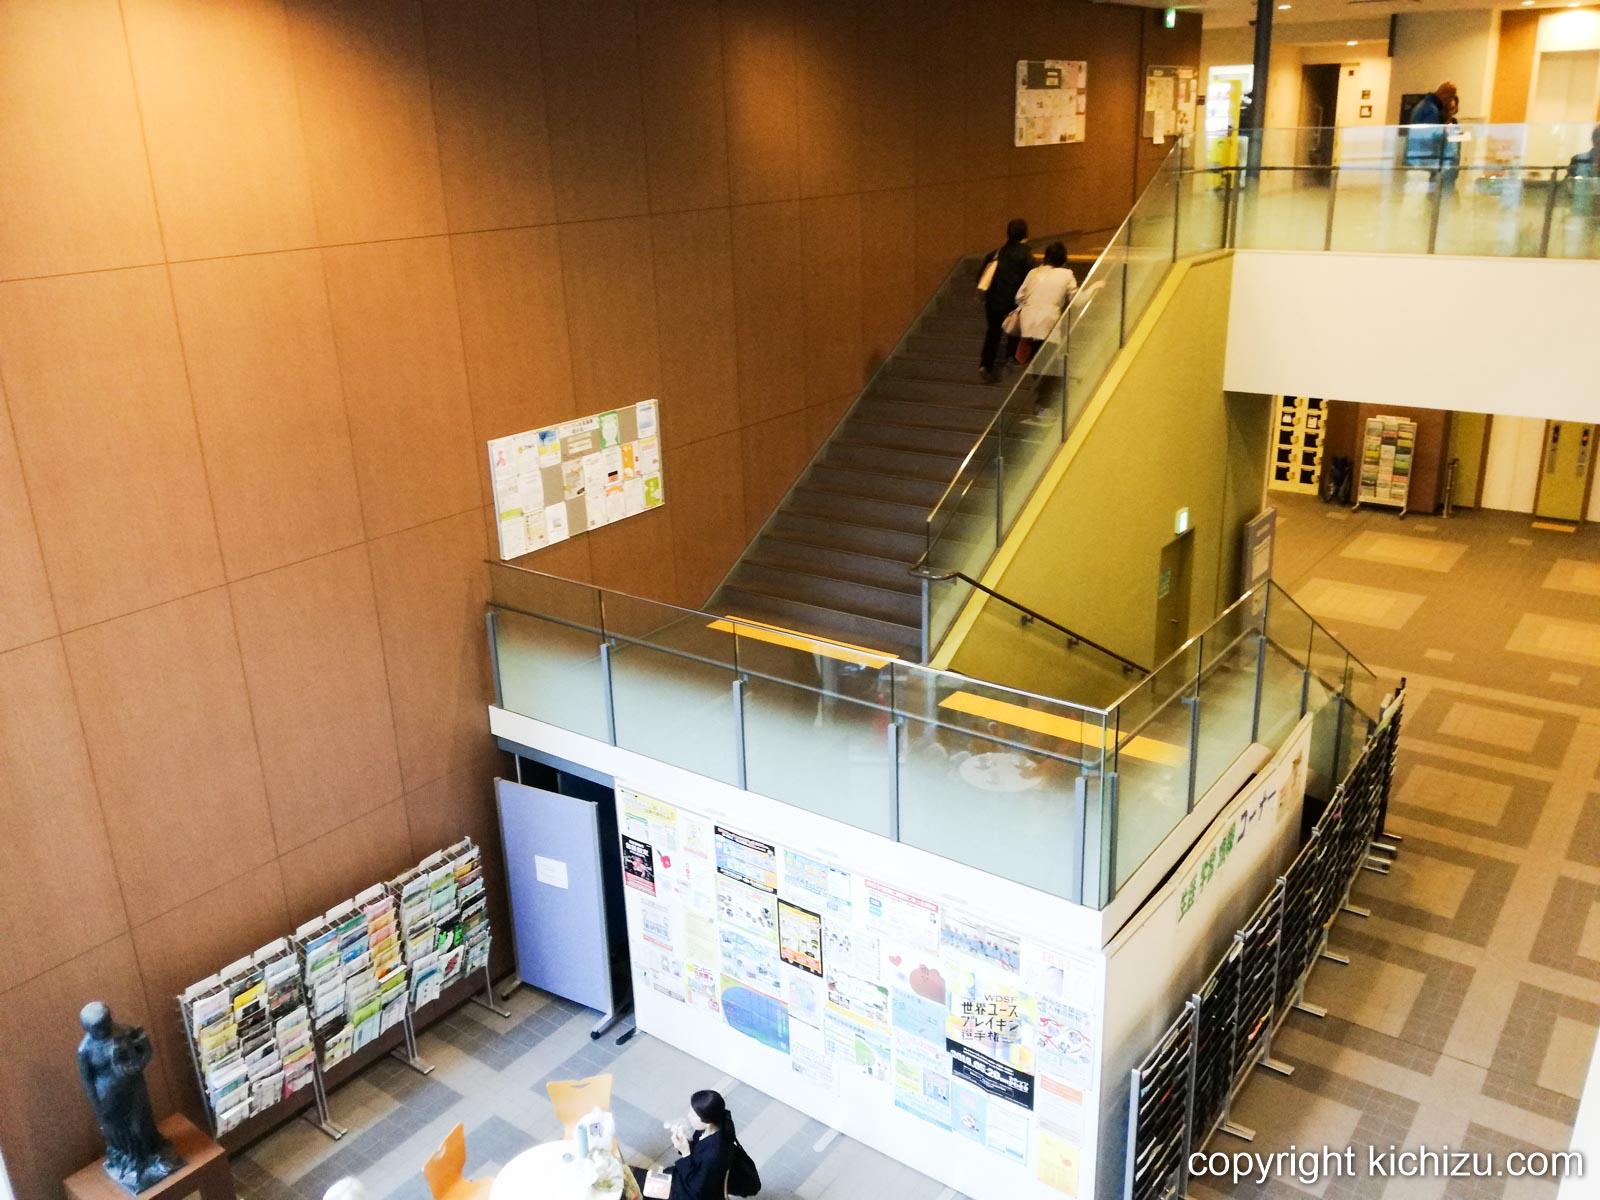 中原市民館の階段